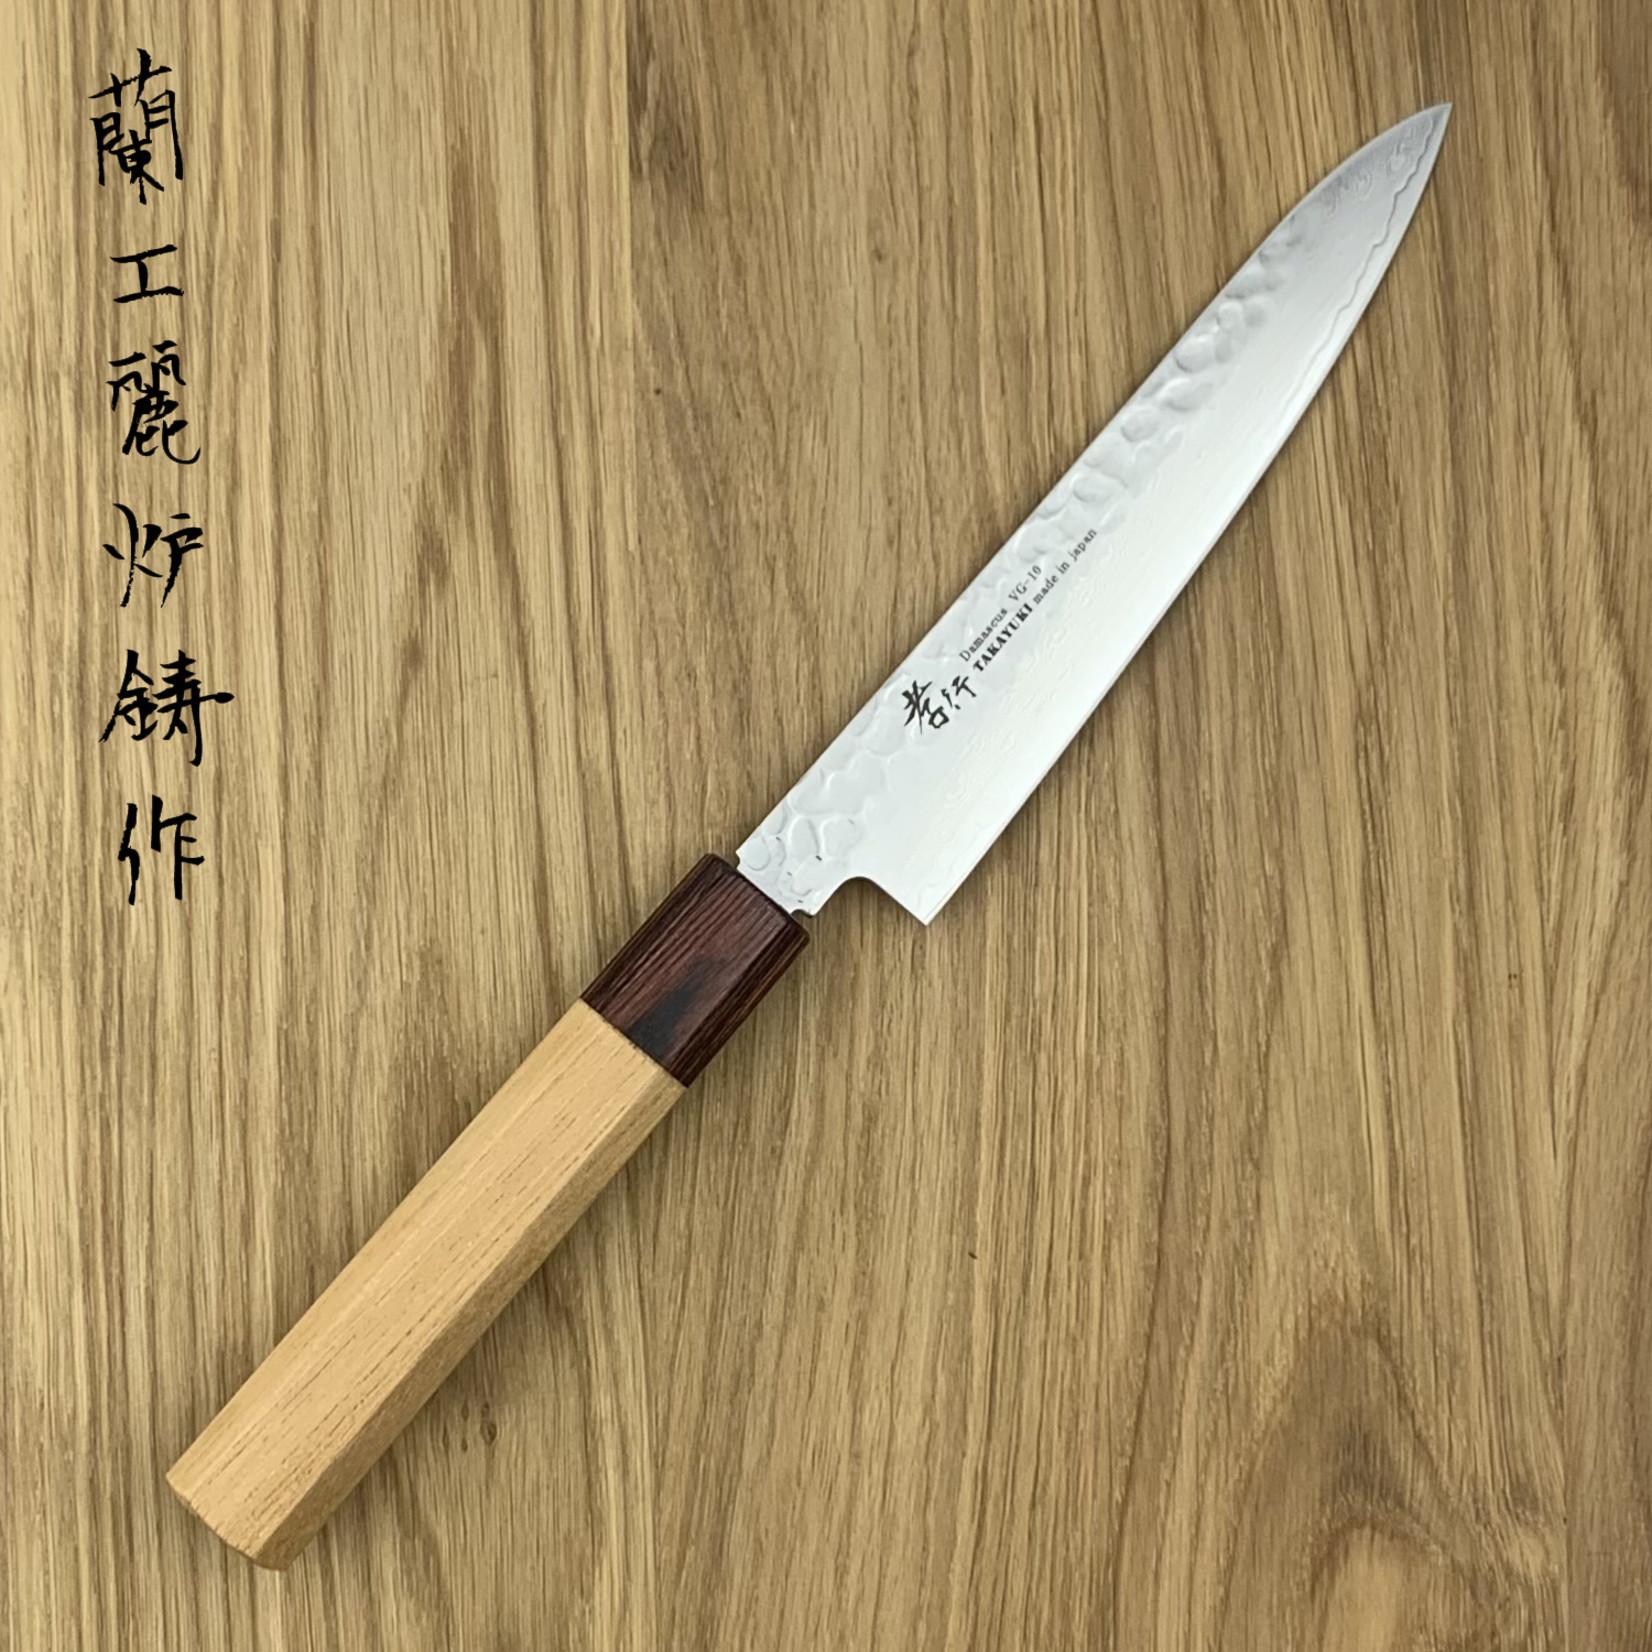 SAKAI TAKAYUKI 33 layers hammered  Petty 150 mm Japanese zelkova handle 07471